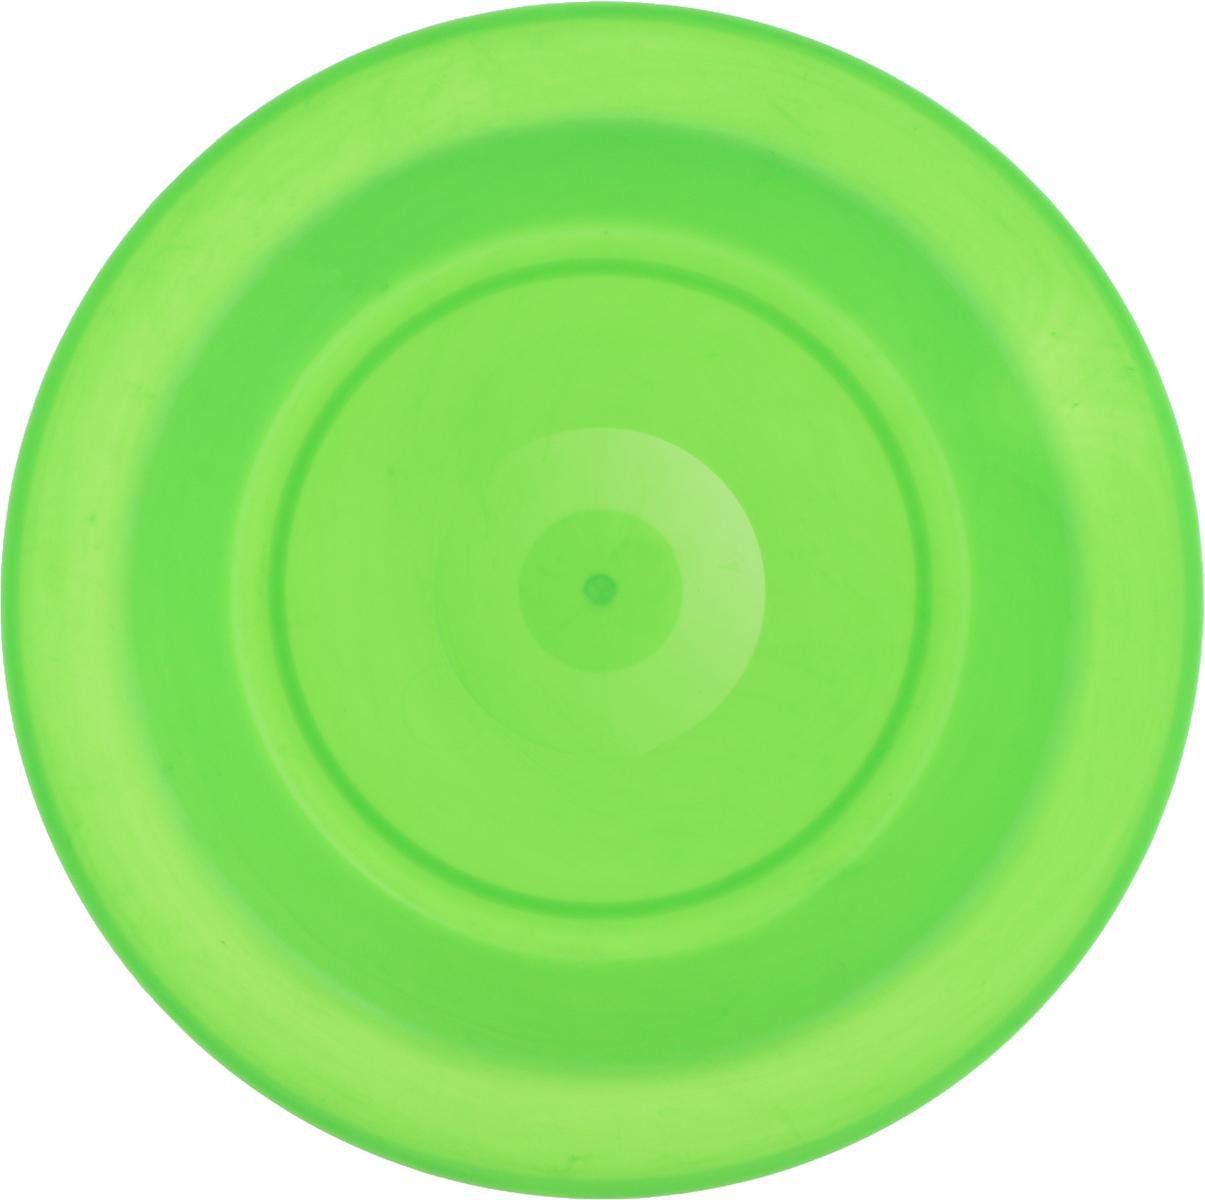 Тарелка Gotoff, цвет: зеленый, диаметр 21 смWTC-803Тарелка Gotoff изготовлена из цветного пищевого пластика и предназначена для холодной и горячей пищи. Выдерживает температурный режим в пределах от -25°С до +110°C. Посуду из пластика можно использовать в микроволновой печи, но необходимо, чтобы нагрев не превышал максимально допустимую температуру. Удобная, легкая и практичная посуда для пикника и дачи поможет сервировать стол без хлопот!Диаметр тарелки (по верхнему краю): 21 см. Высота тарелки: 3 см.